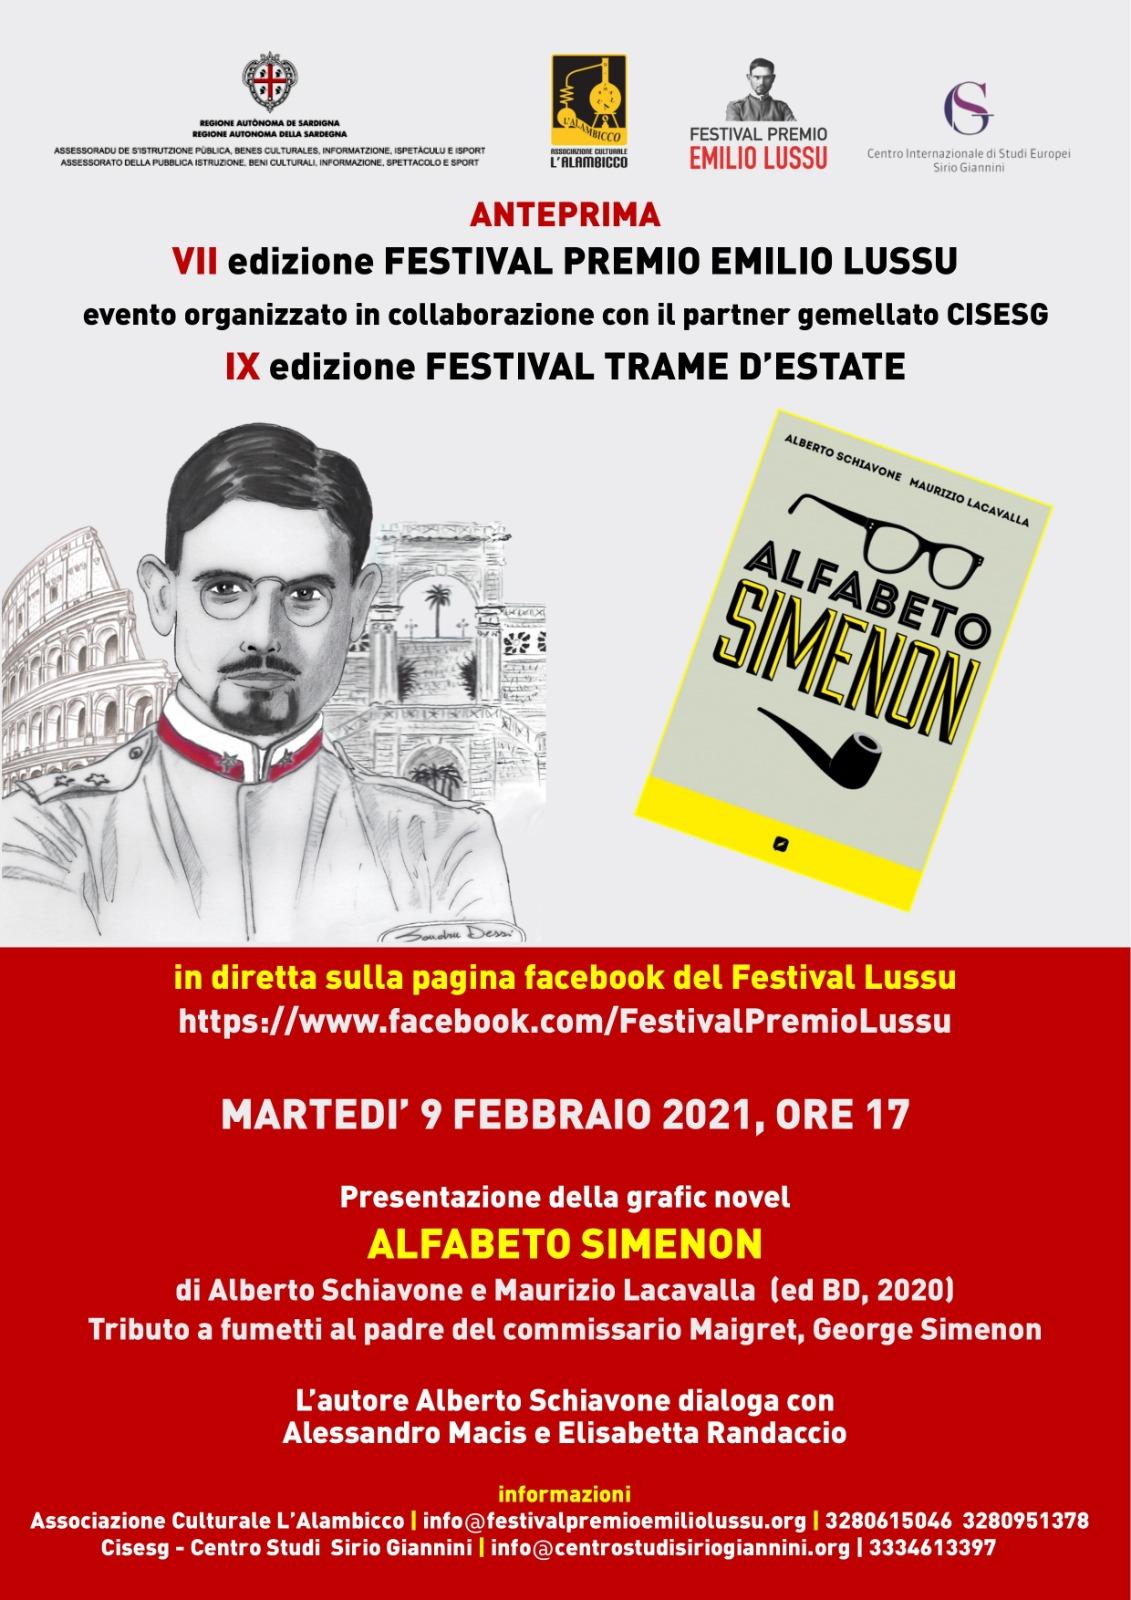 Alfabeto Simenon – Anteprima Del Festival Premio Emilio Lussu VII Edizione